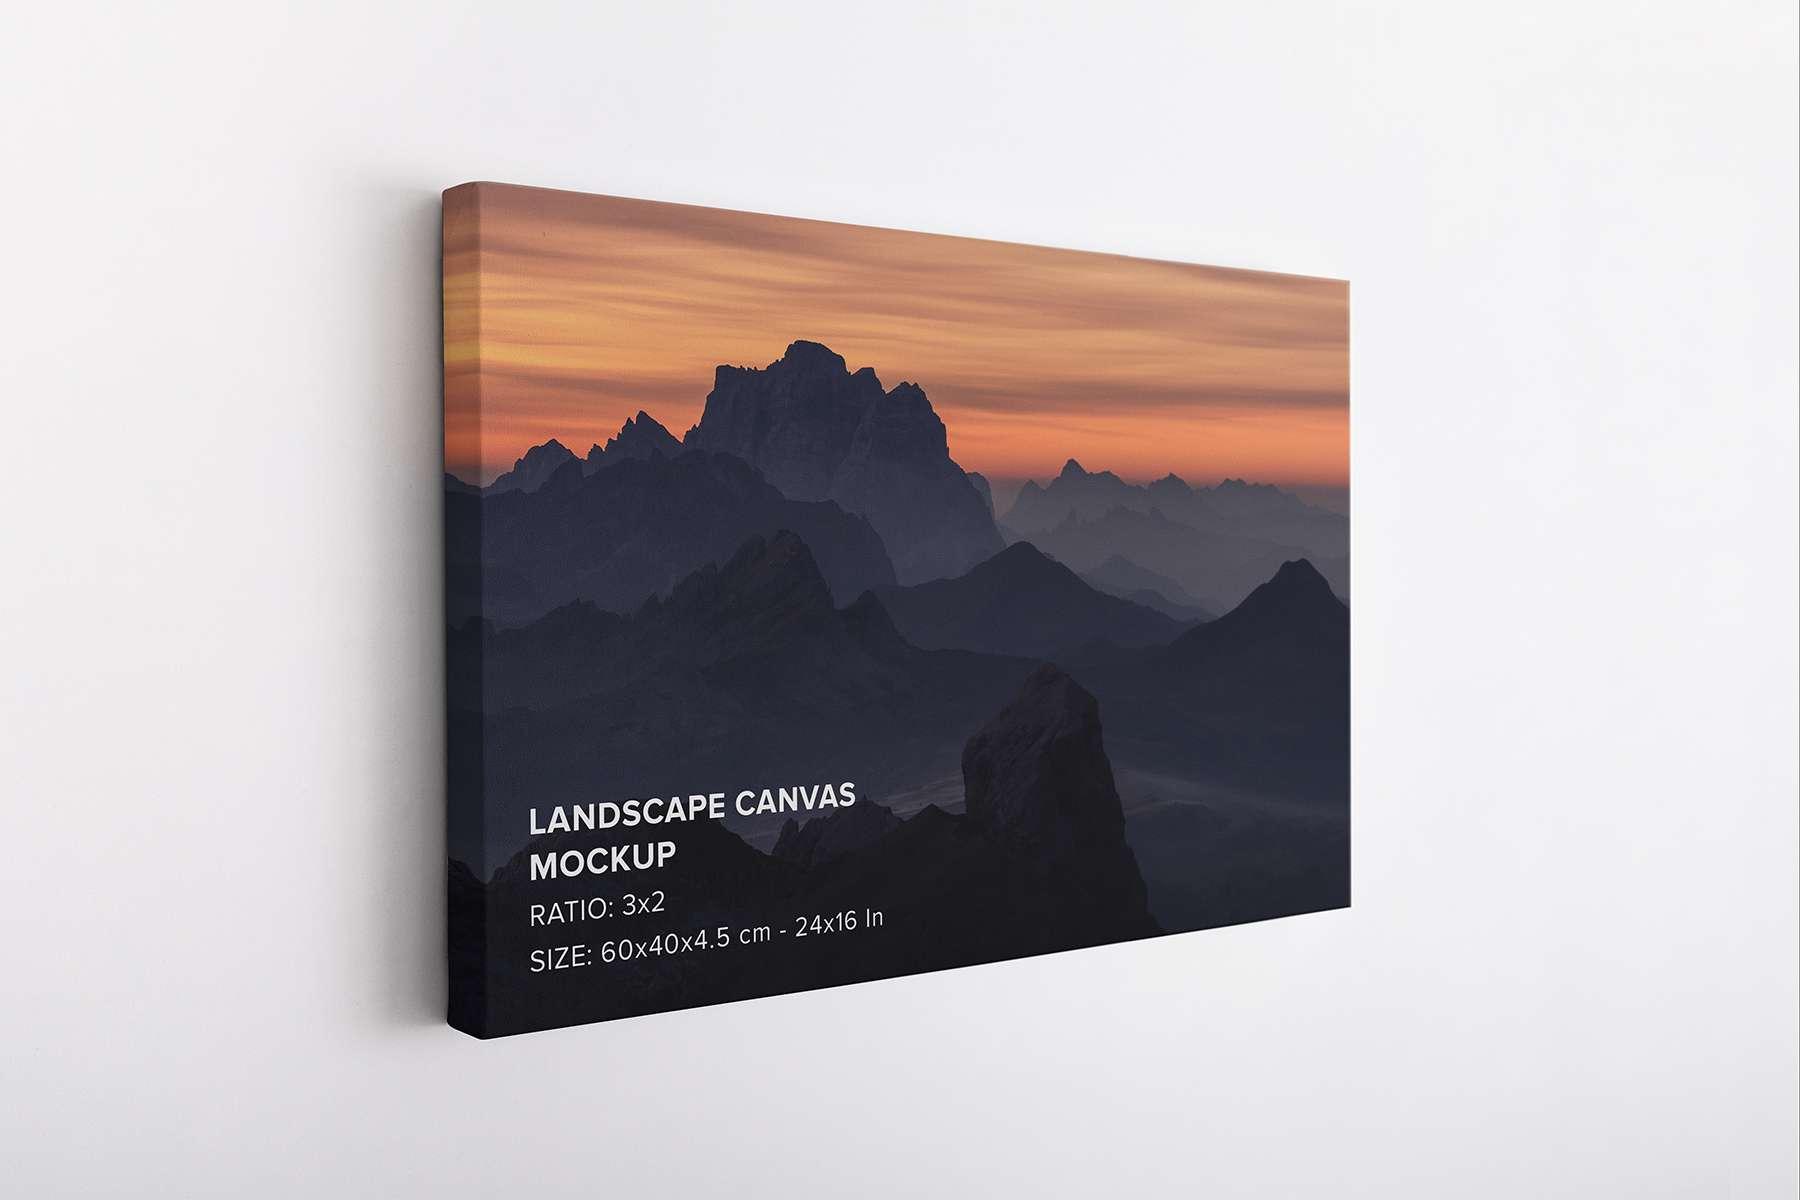 Hanging Landscape Canvas Mockup